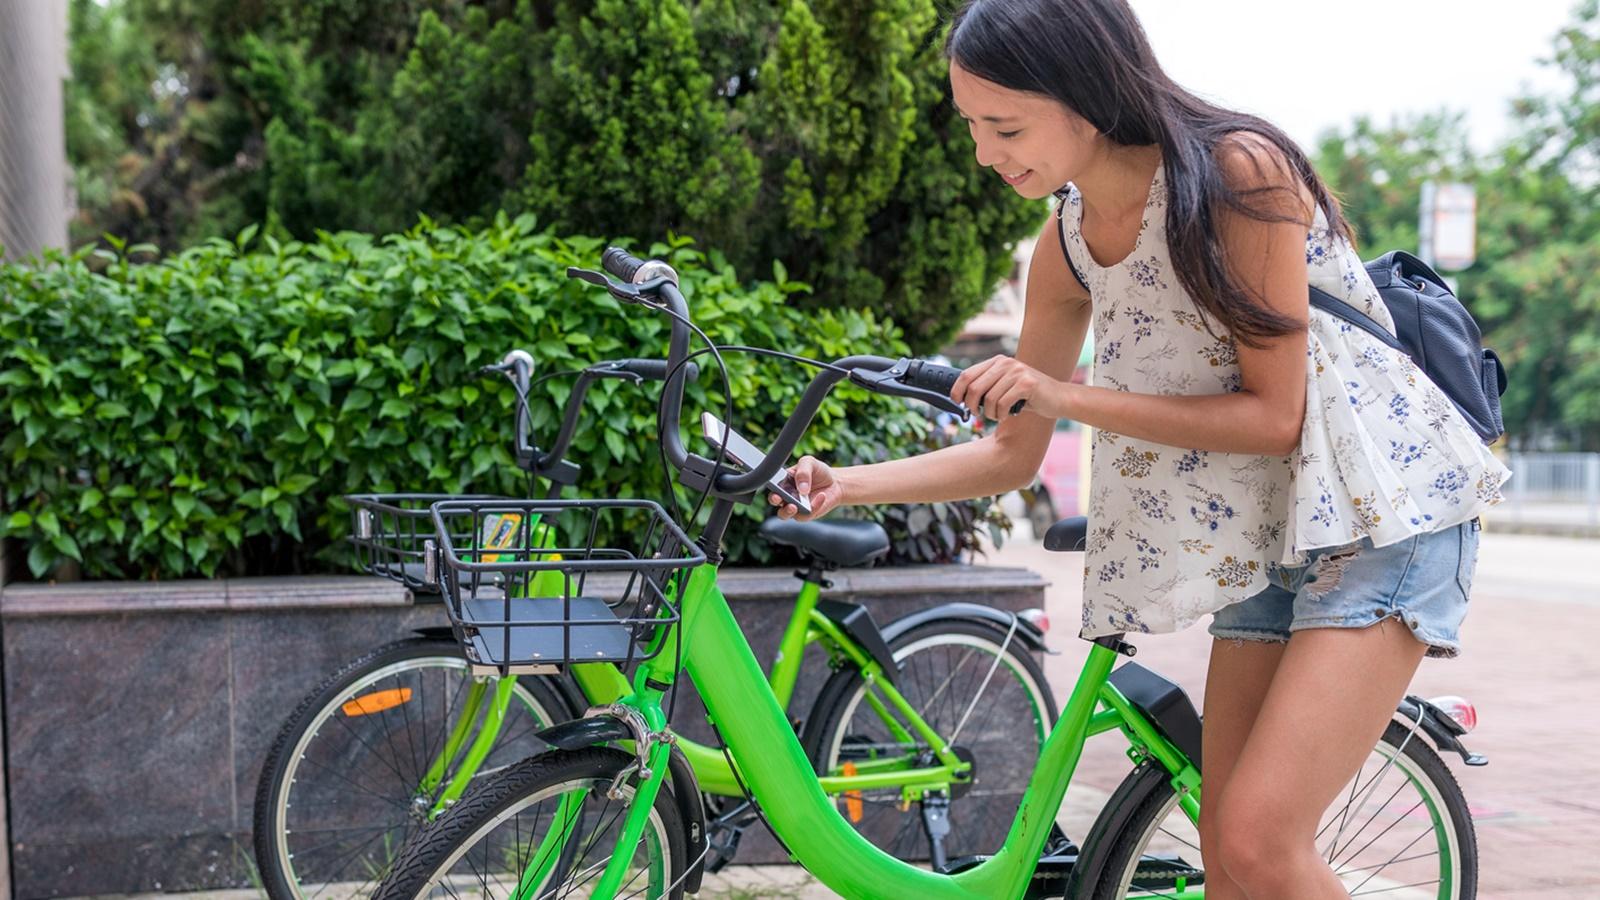 Umwelt-Apps gibt es mit verschiedenen Schwerpunkten, um nachhaltiger zu handeln